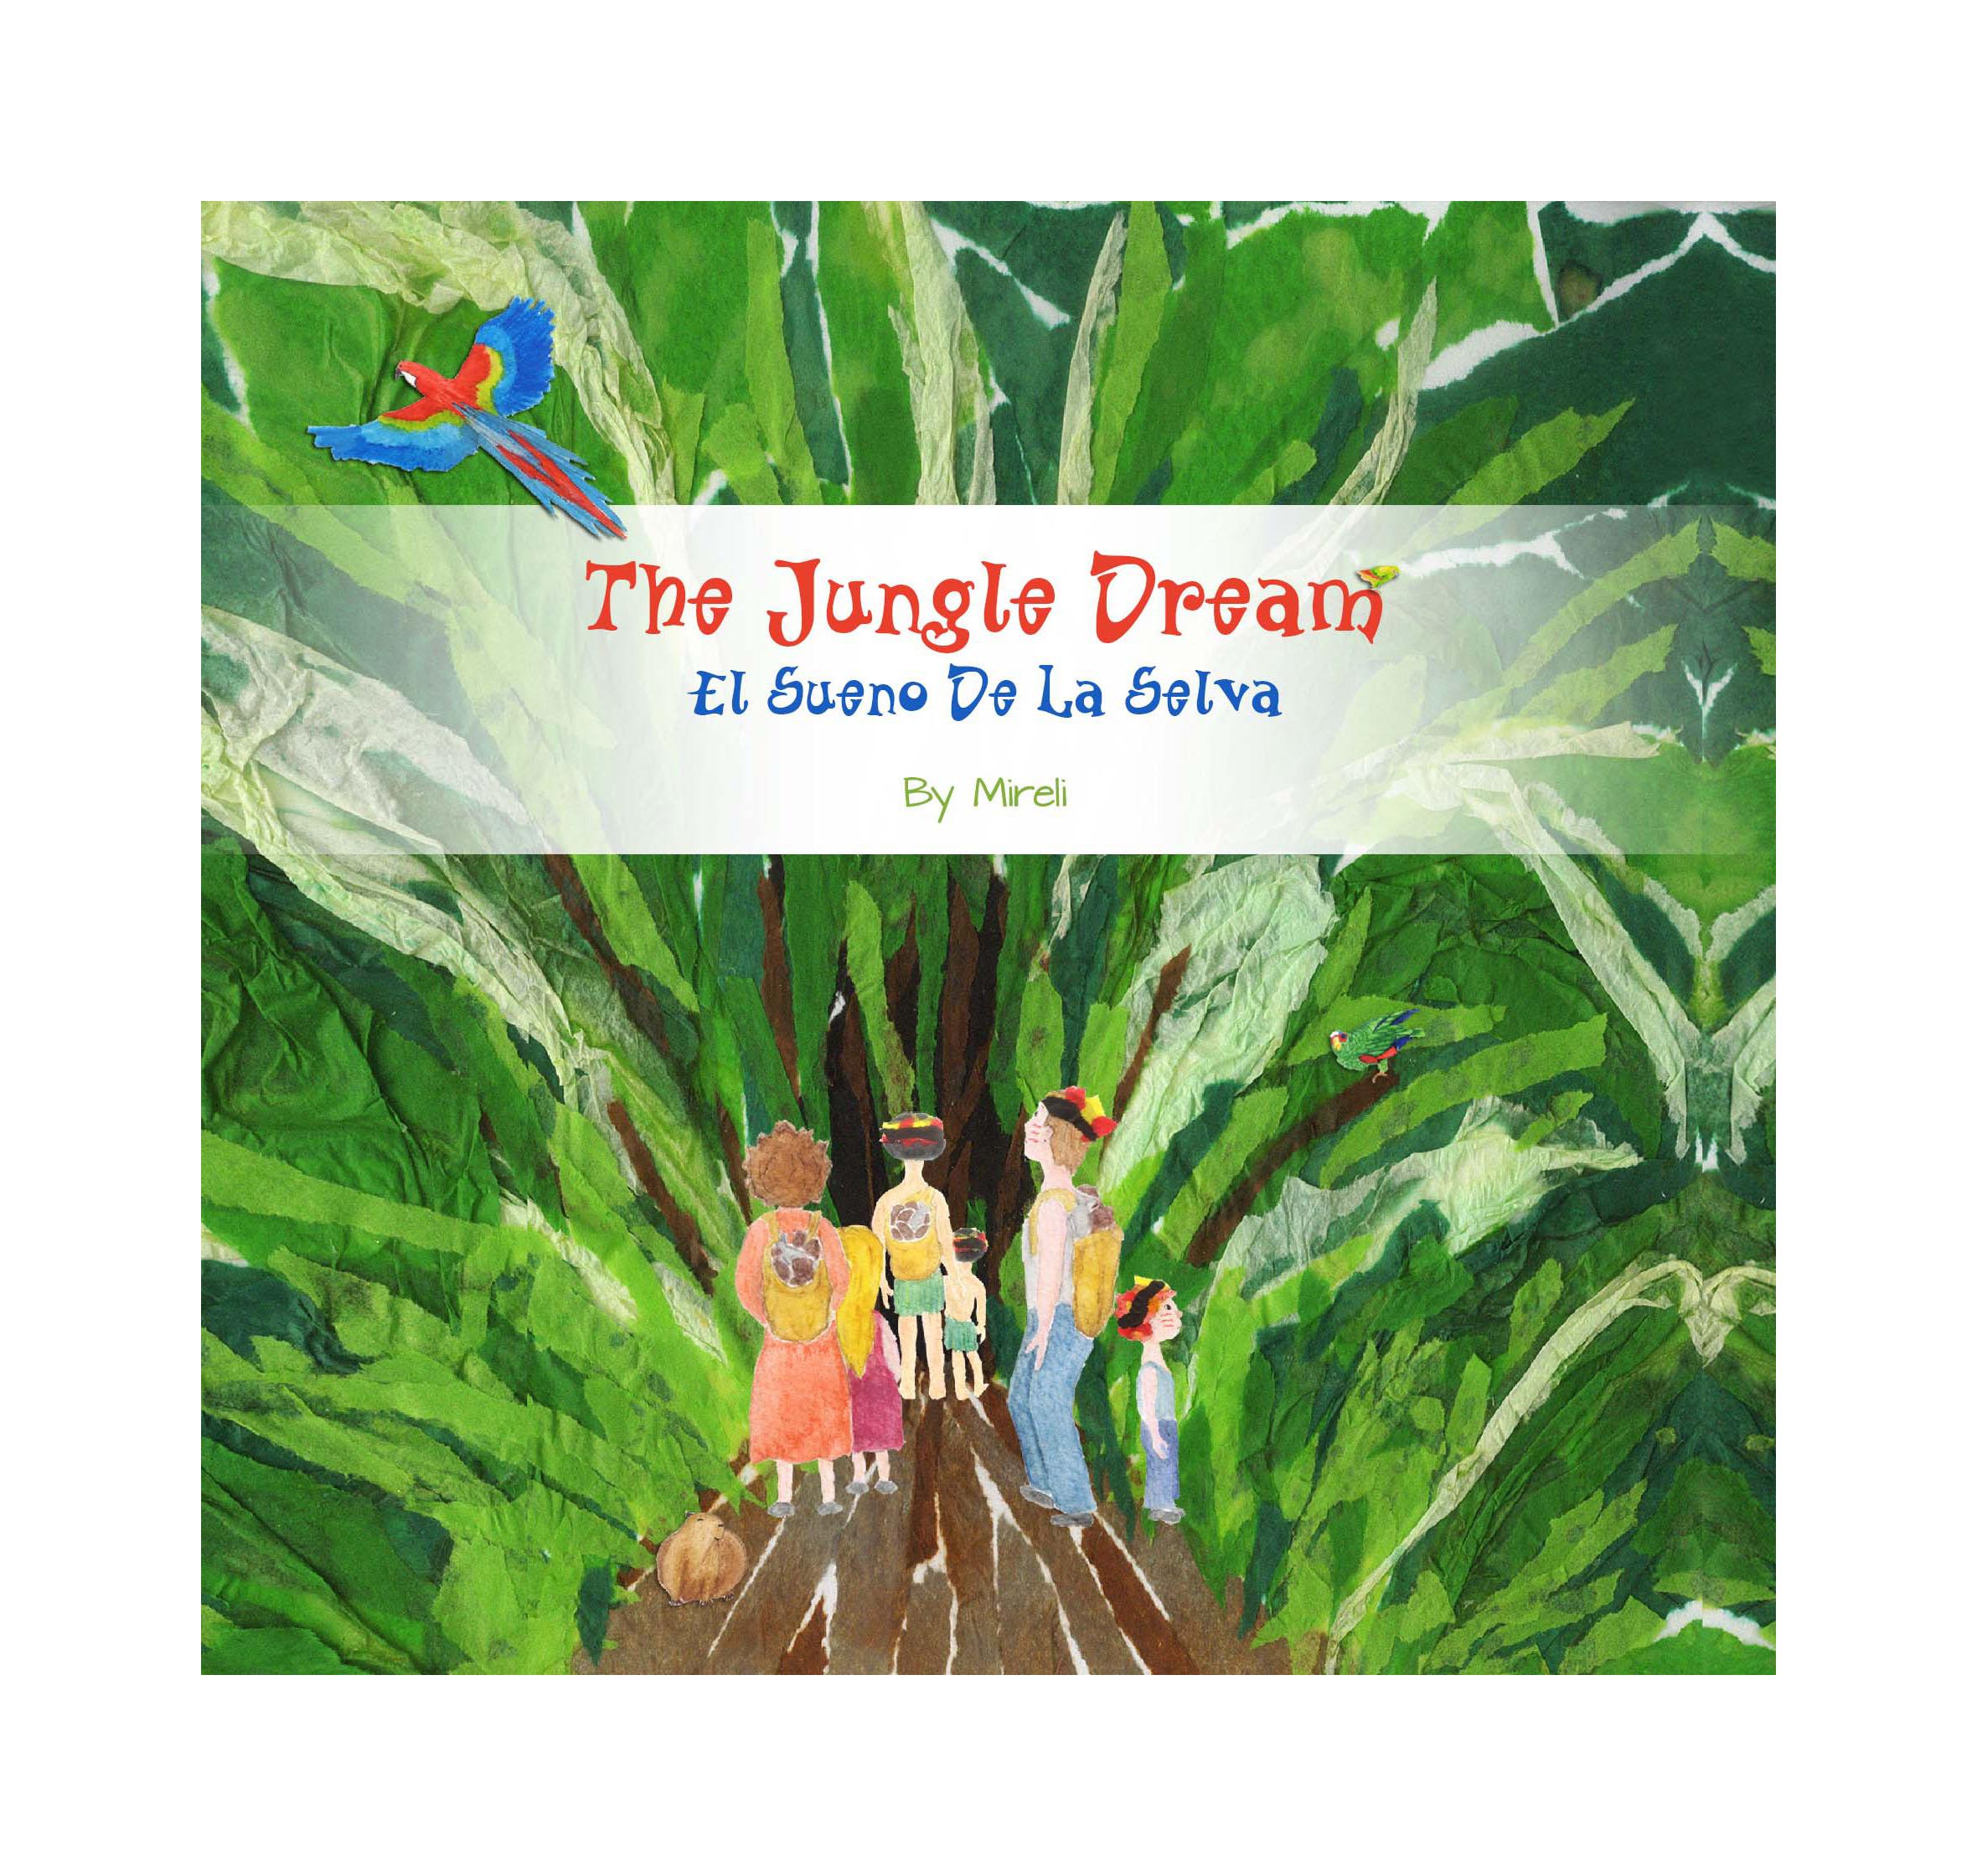 THE JUNGLE DREAM